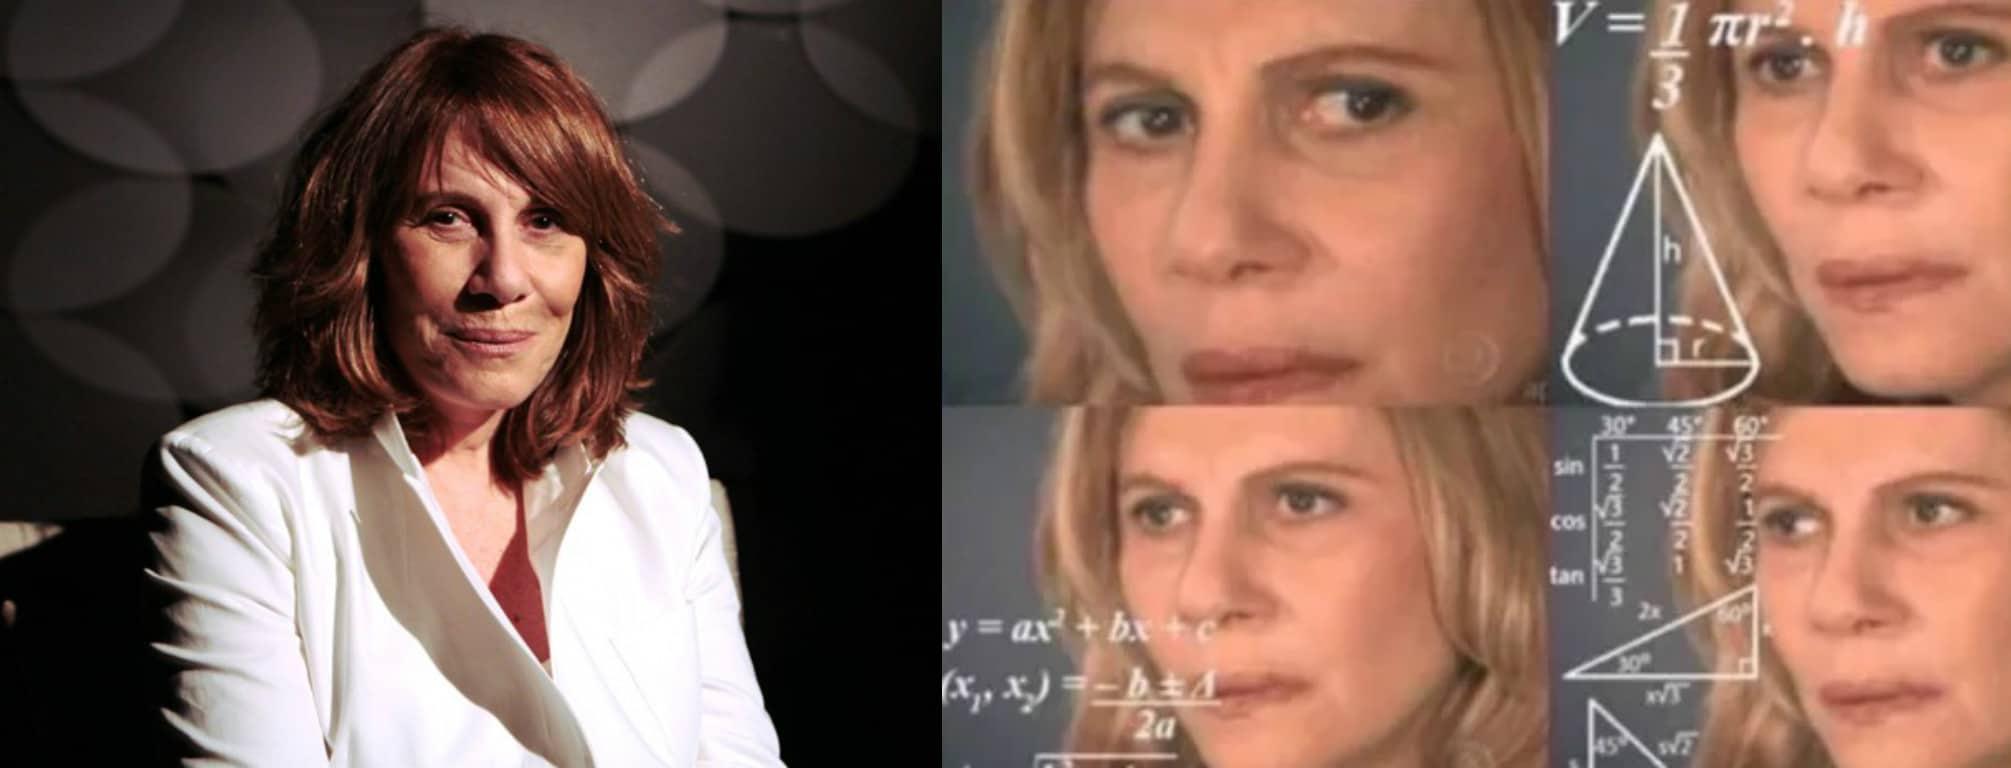 Renata Sorrah se surpreende com memes internacionais de Nazar%C3%A9 N%C3%A3o sabia renata sorrah se surpreende com memes internacionais de nazaré \u201cnão